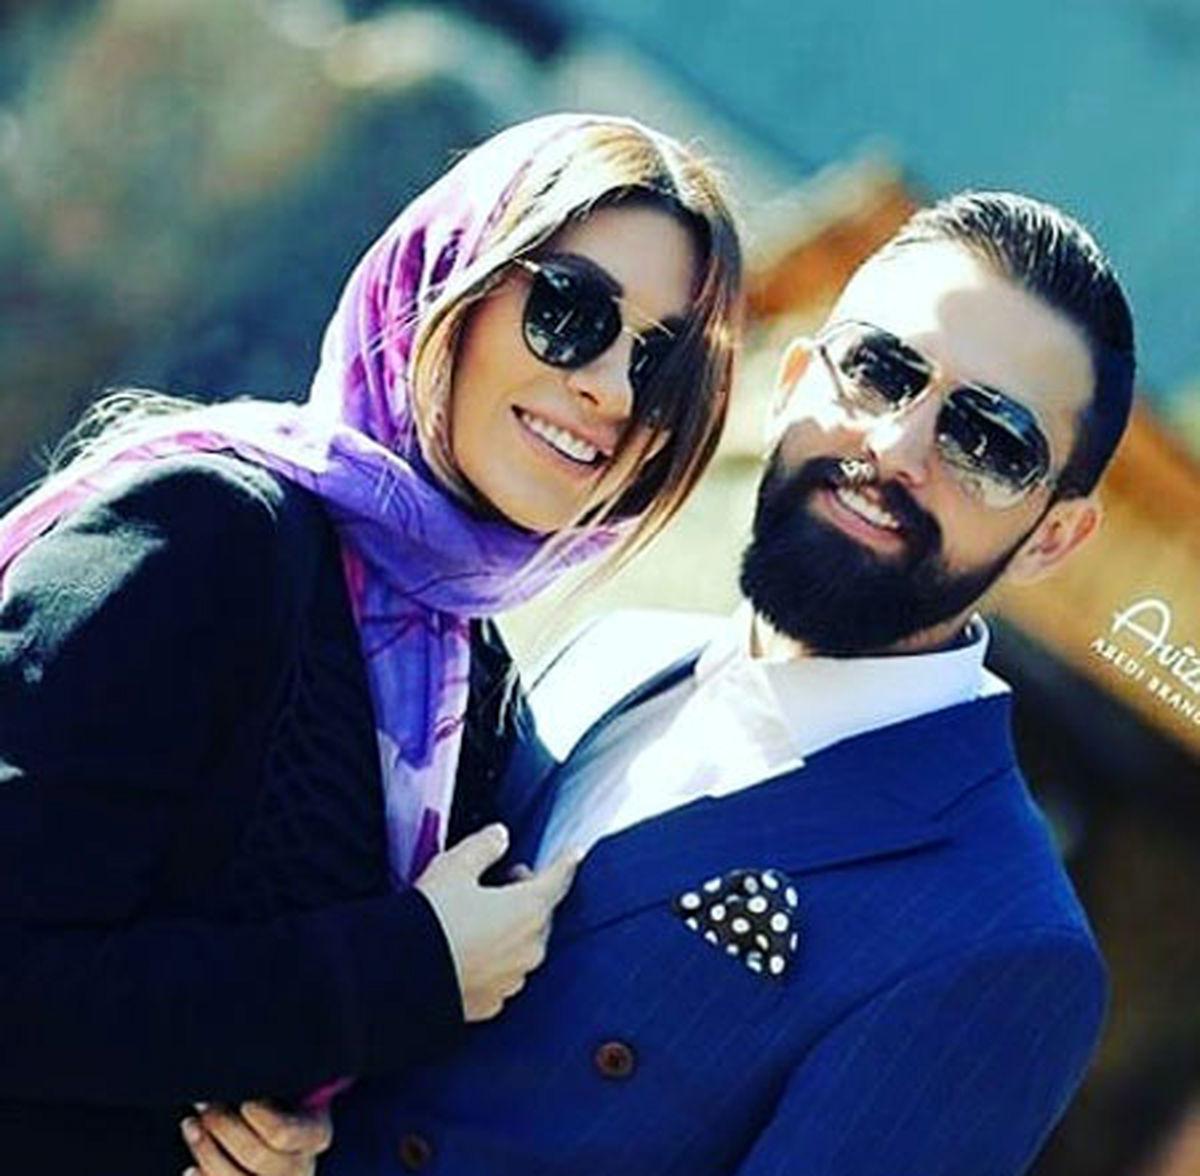 محسن افشانی و همسرش آشتی کردند   عکسهای محسن افشانی و سویل